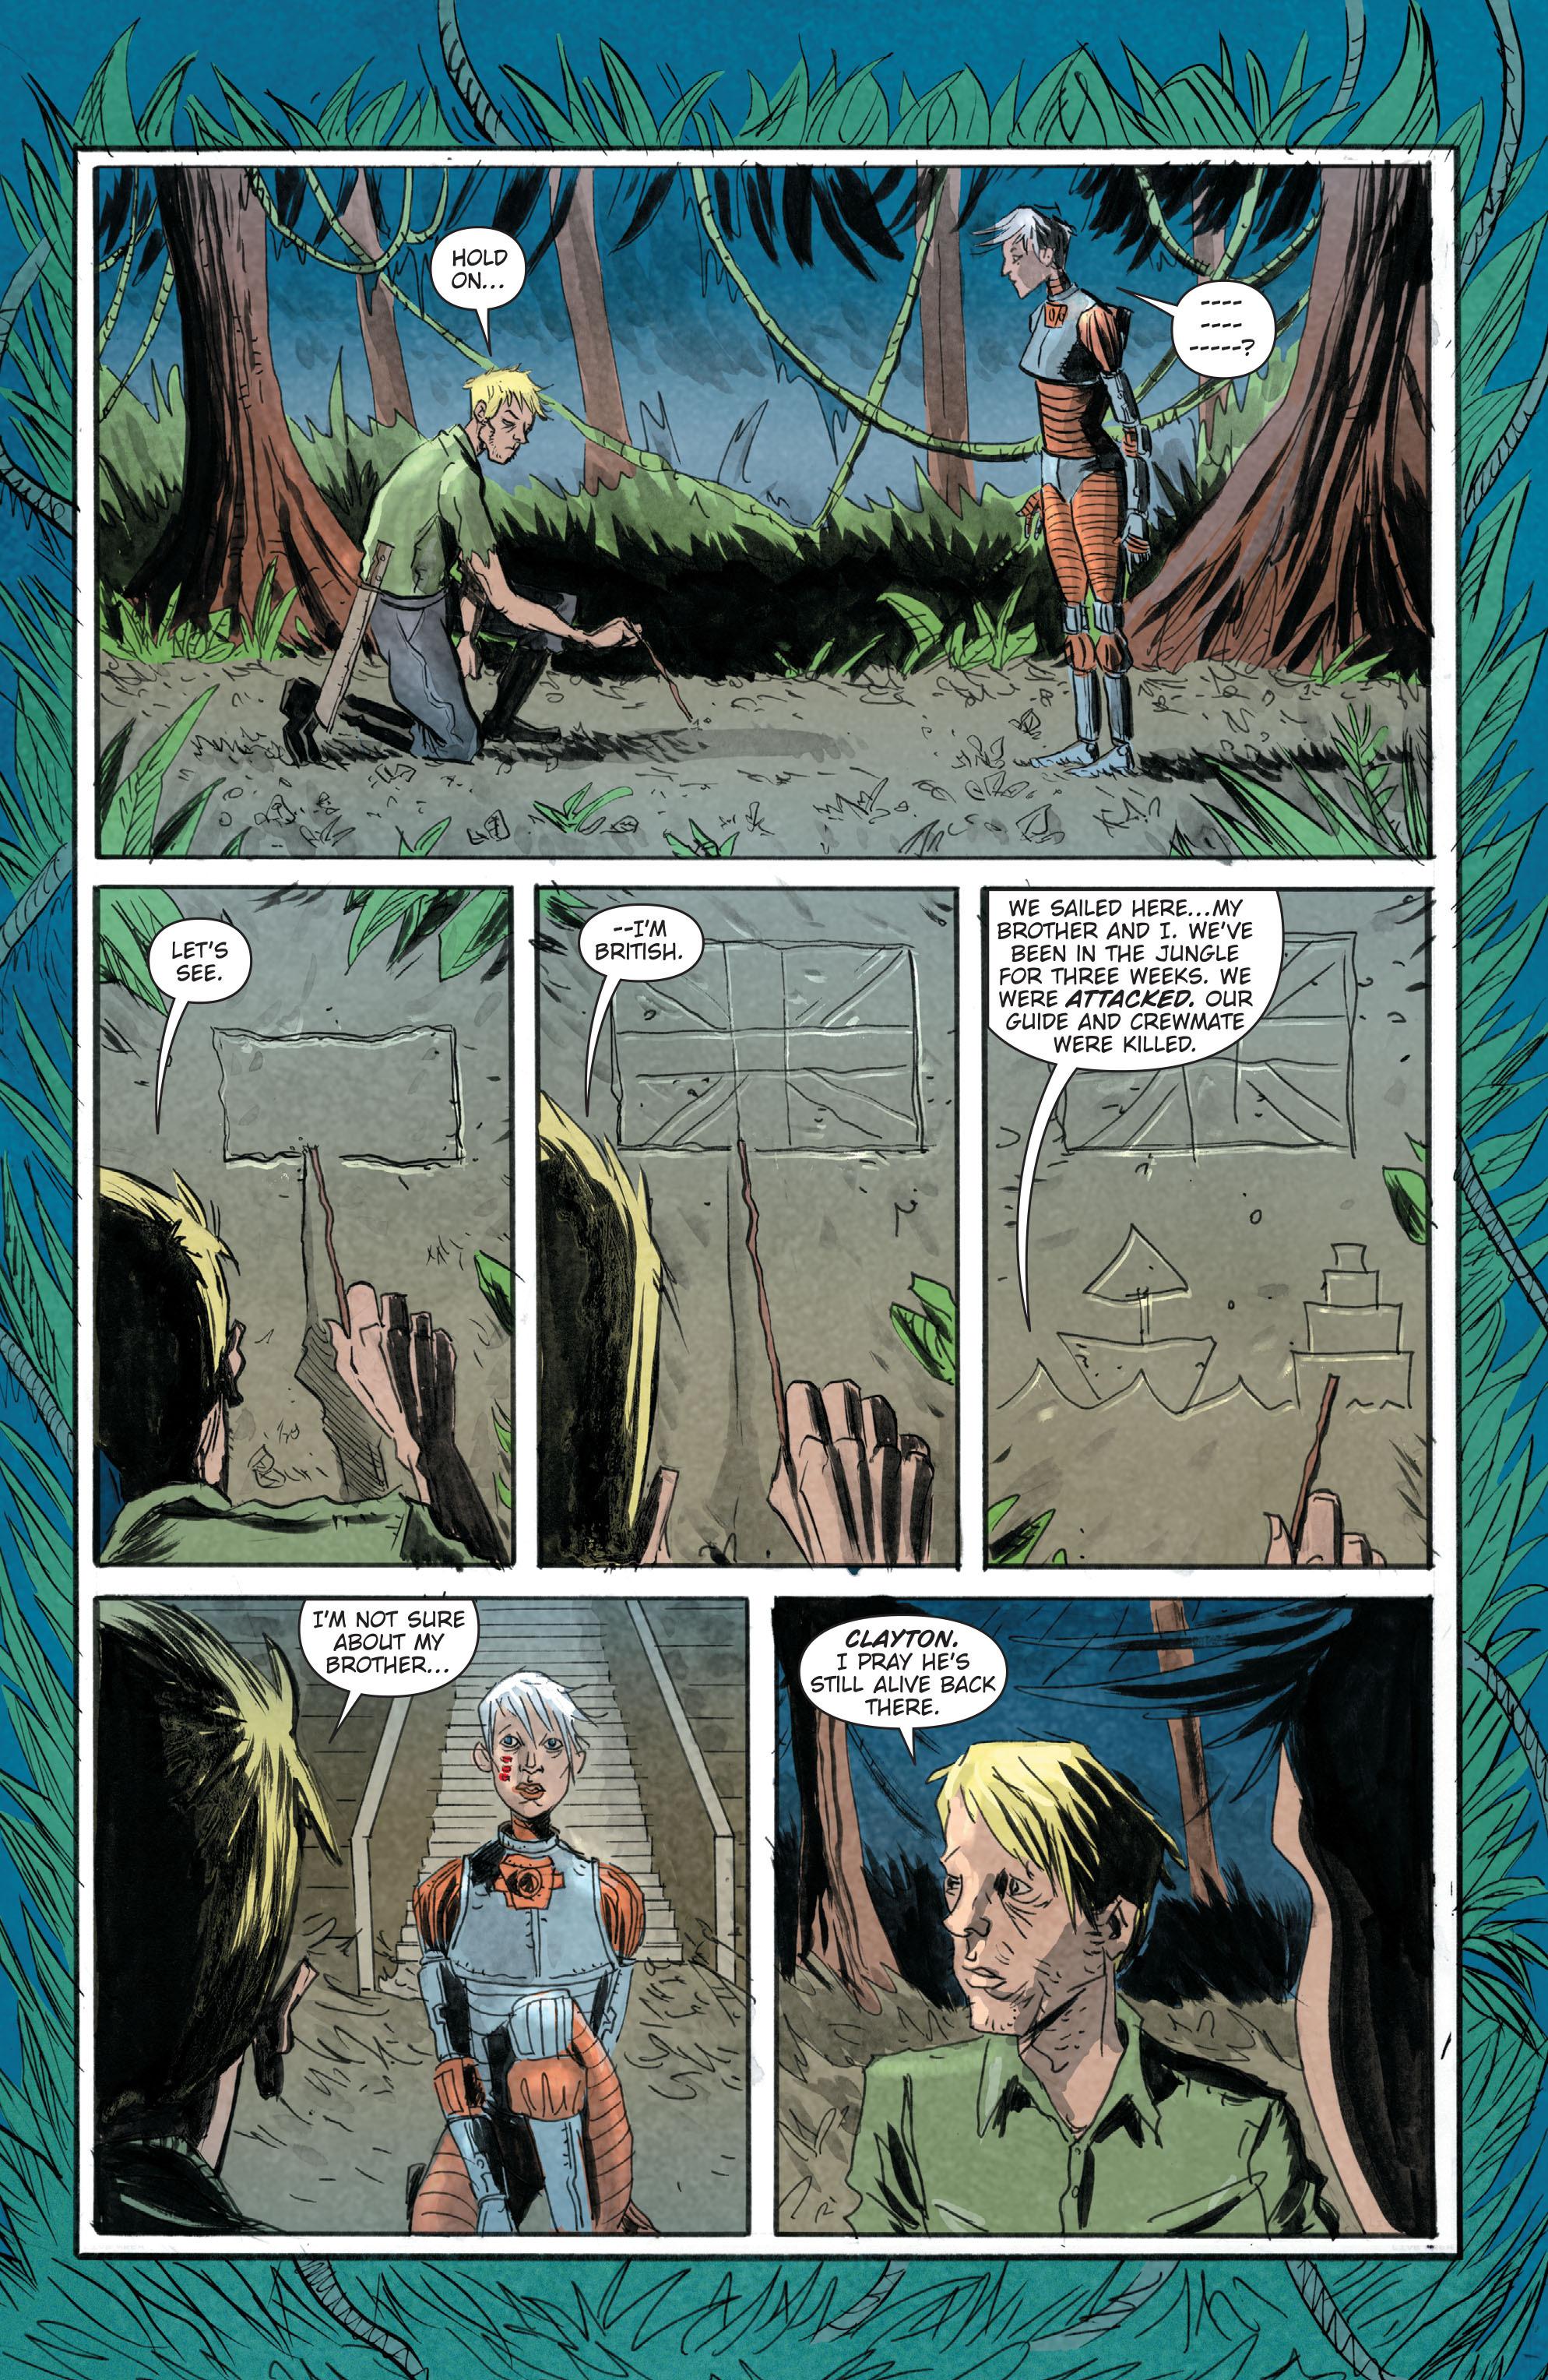 Read online Trillium comic -  Issue # TPB - 43